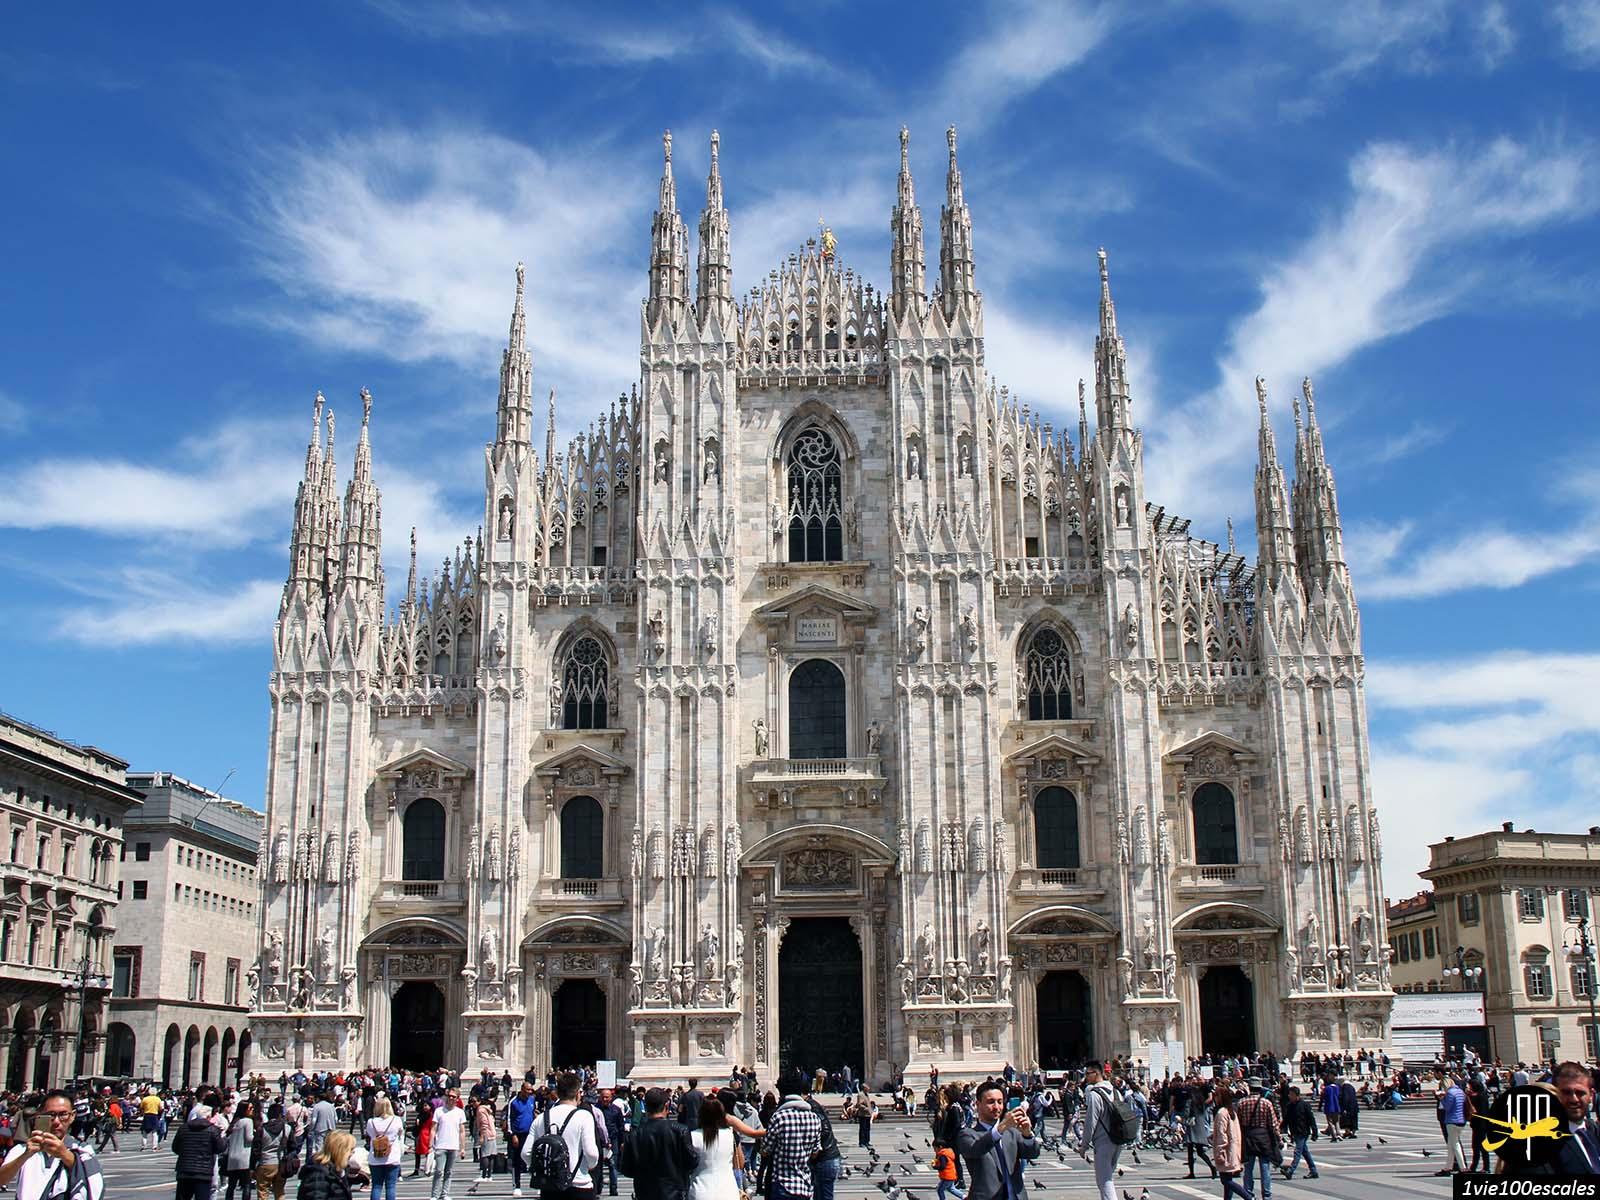 Escale #094 Milan